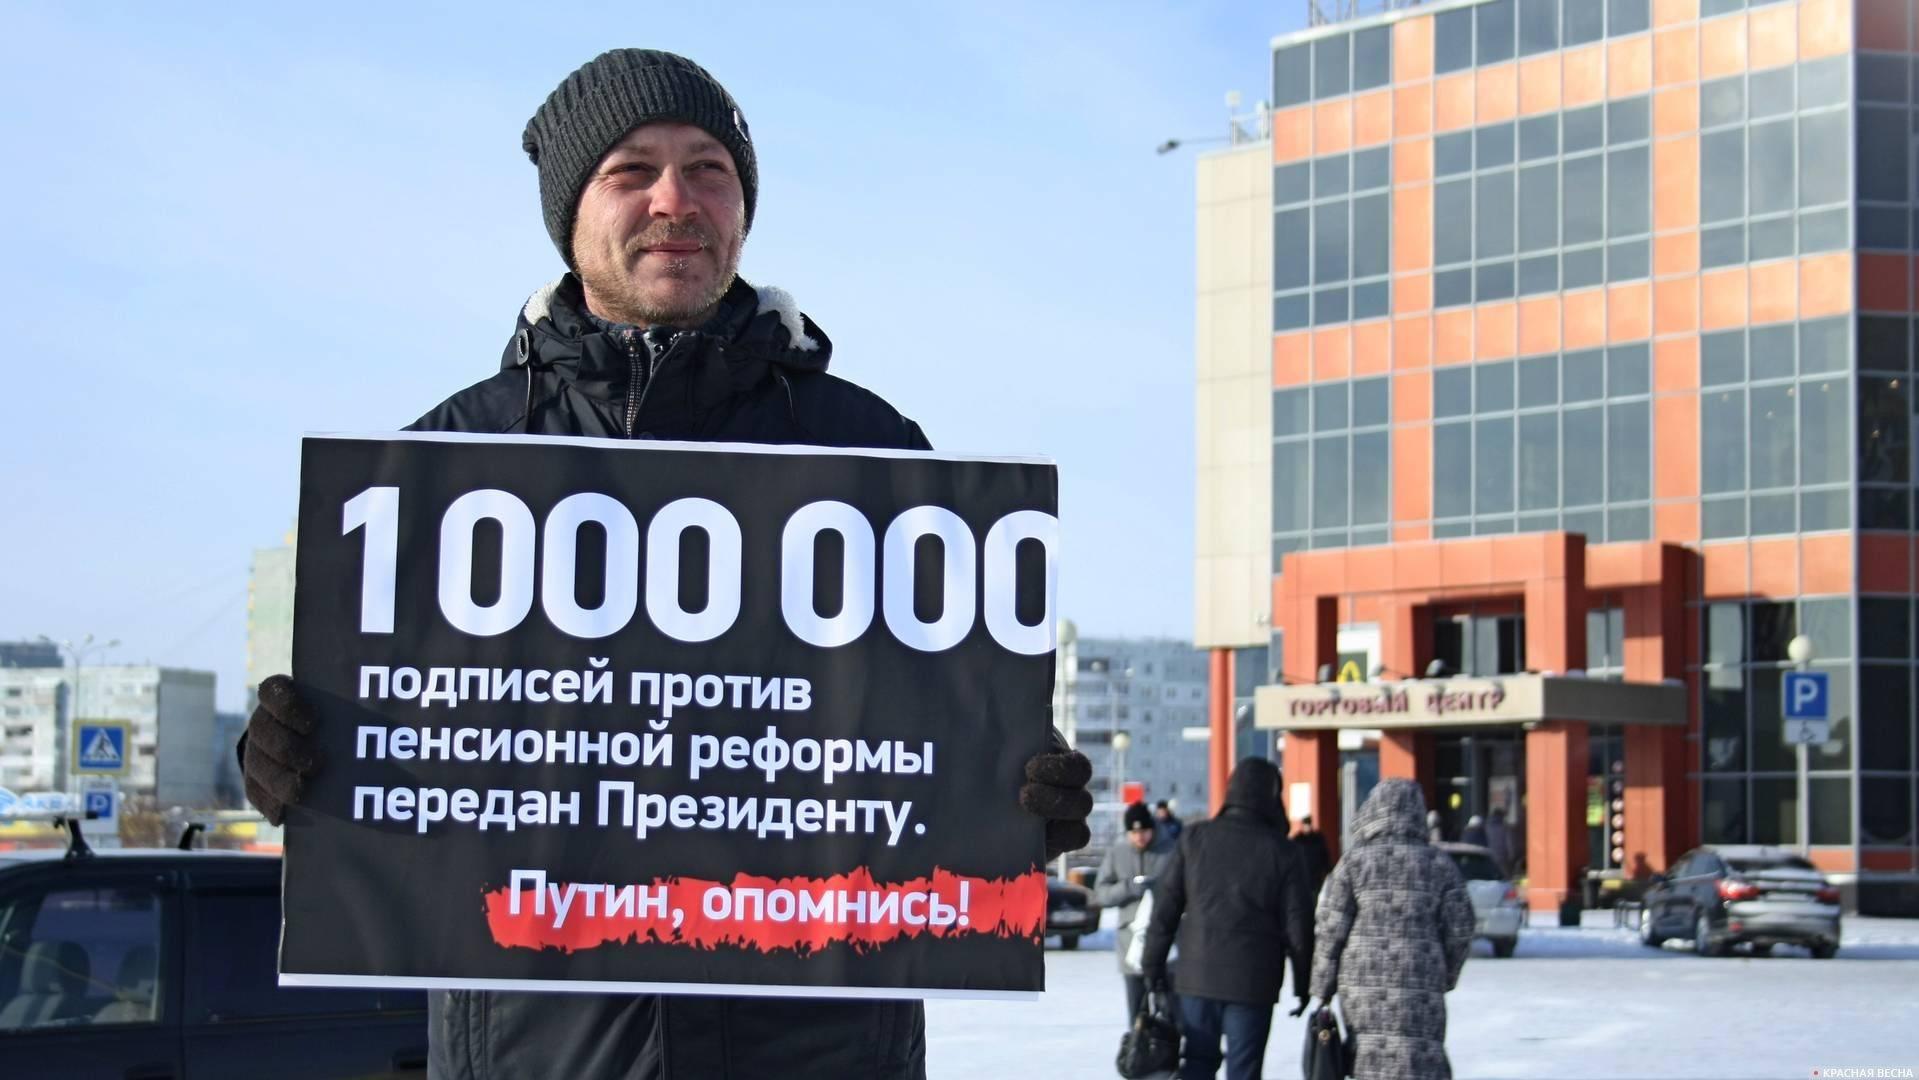 Пикет против пенсионной реформы. Омск